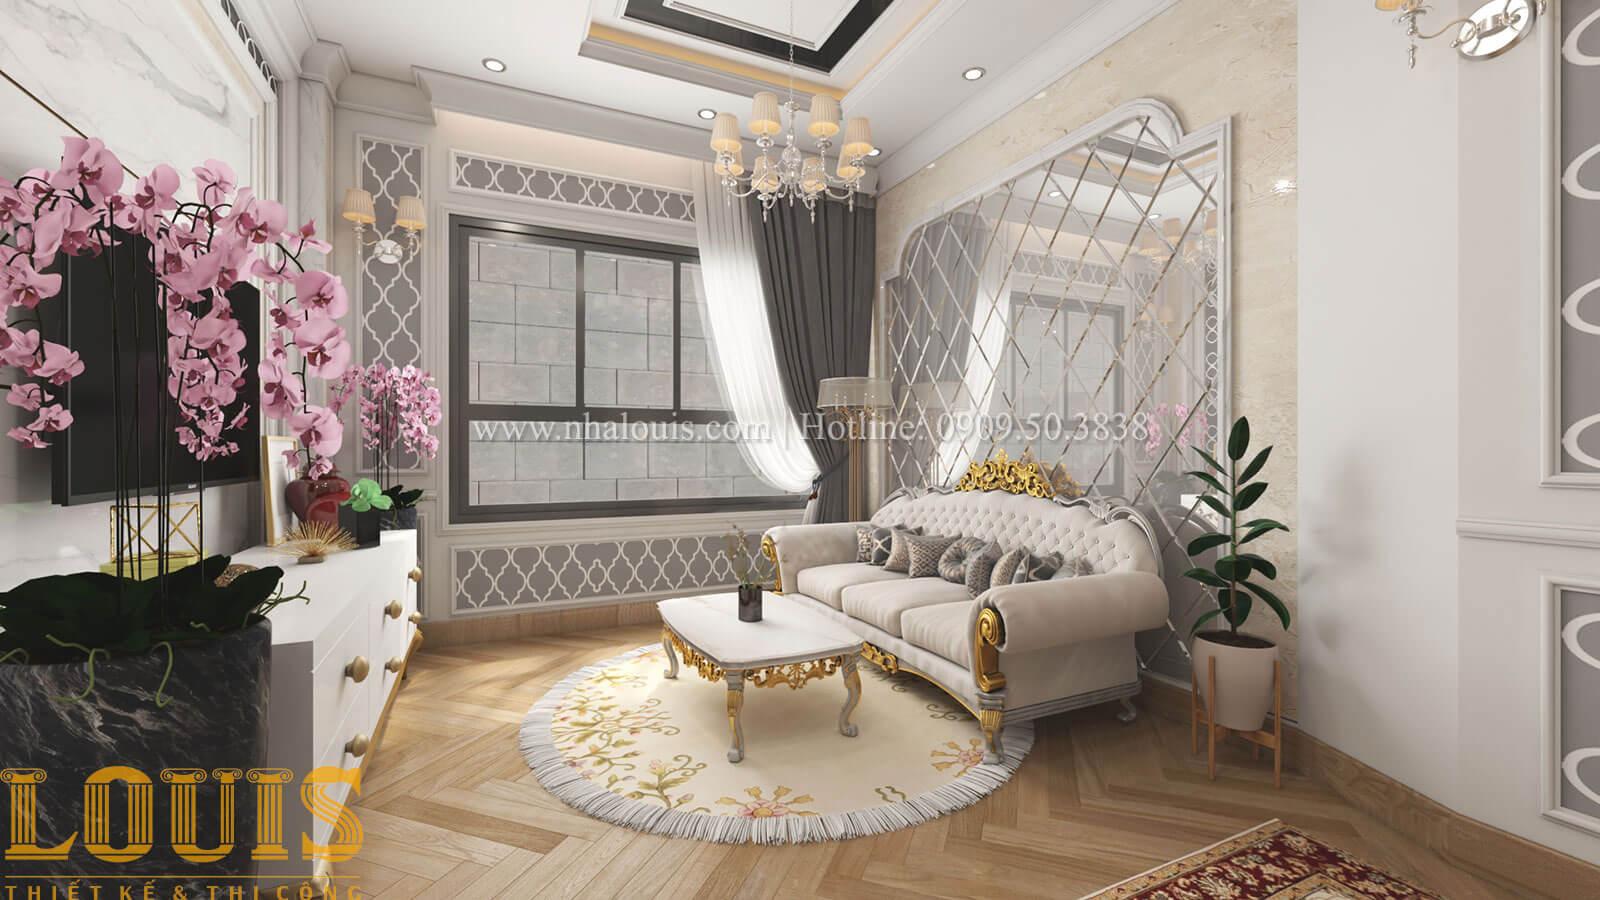 Phòng ngủ master Mẫu nhà 5 tầng đẹp hiện đại với thiết kế tối giản tại Tân Bình - 24